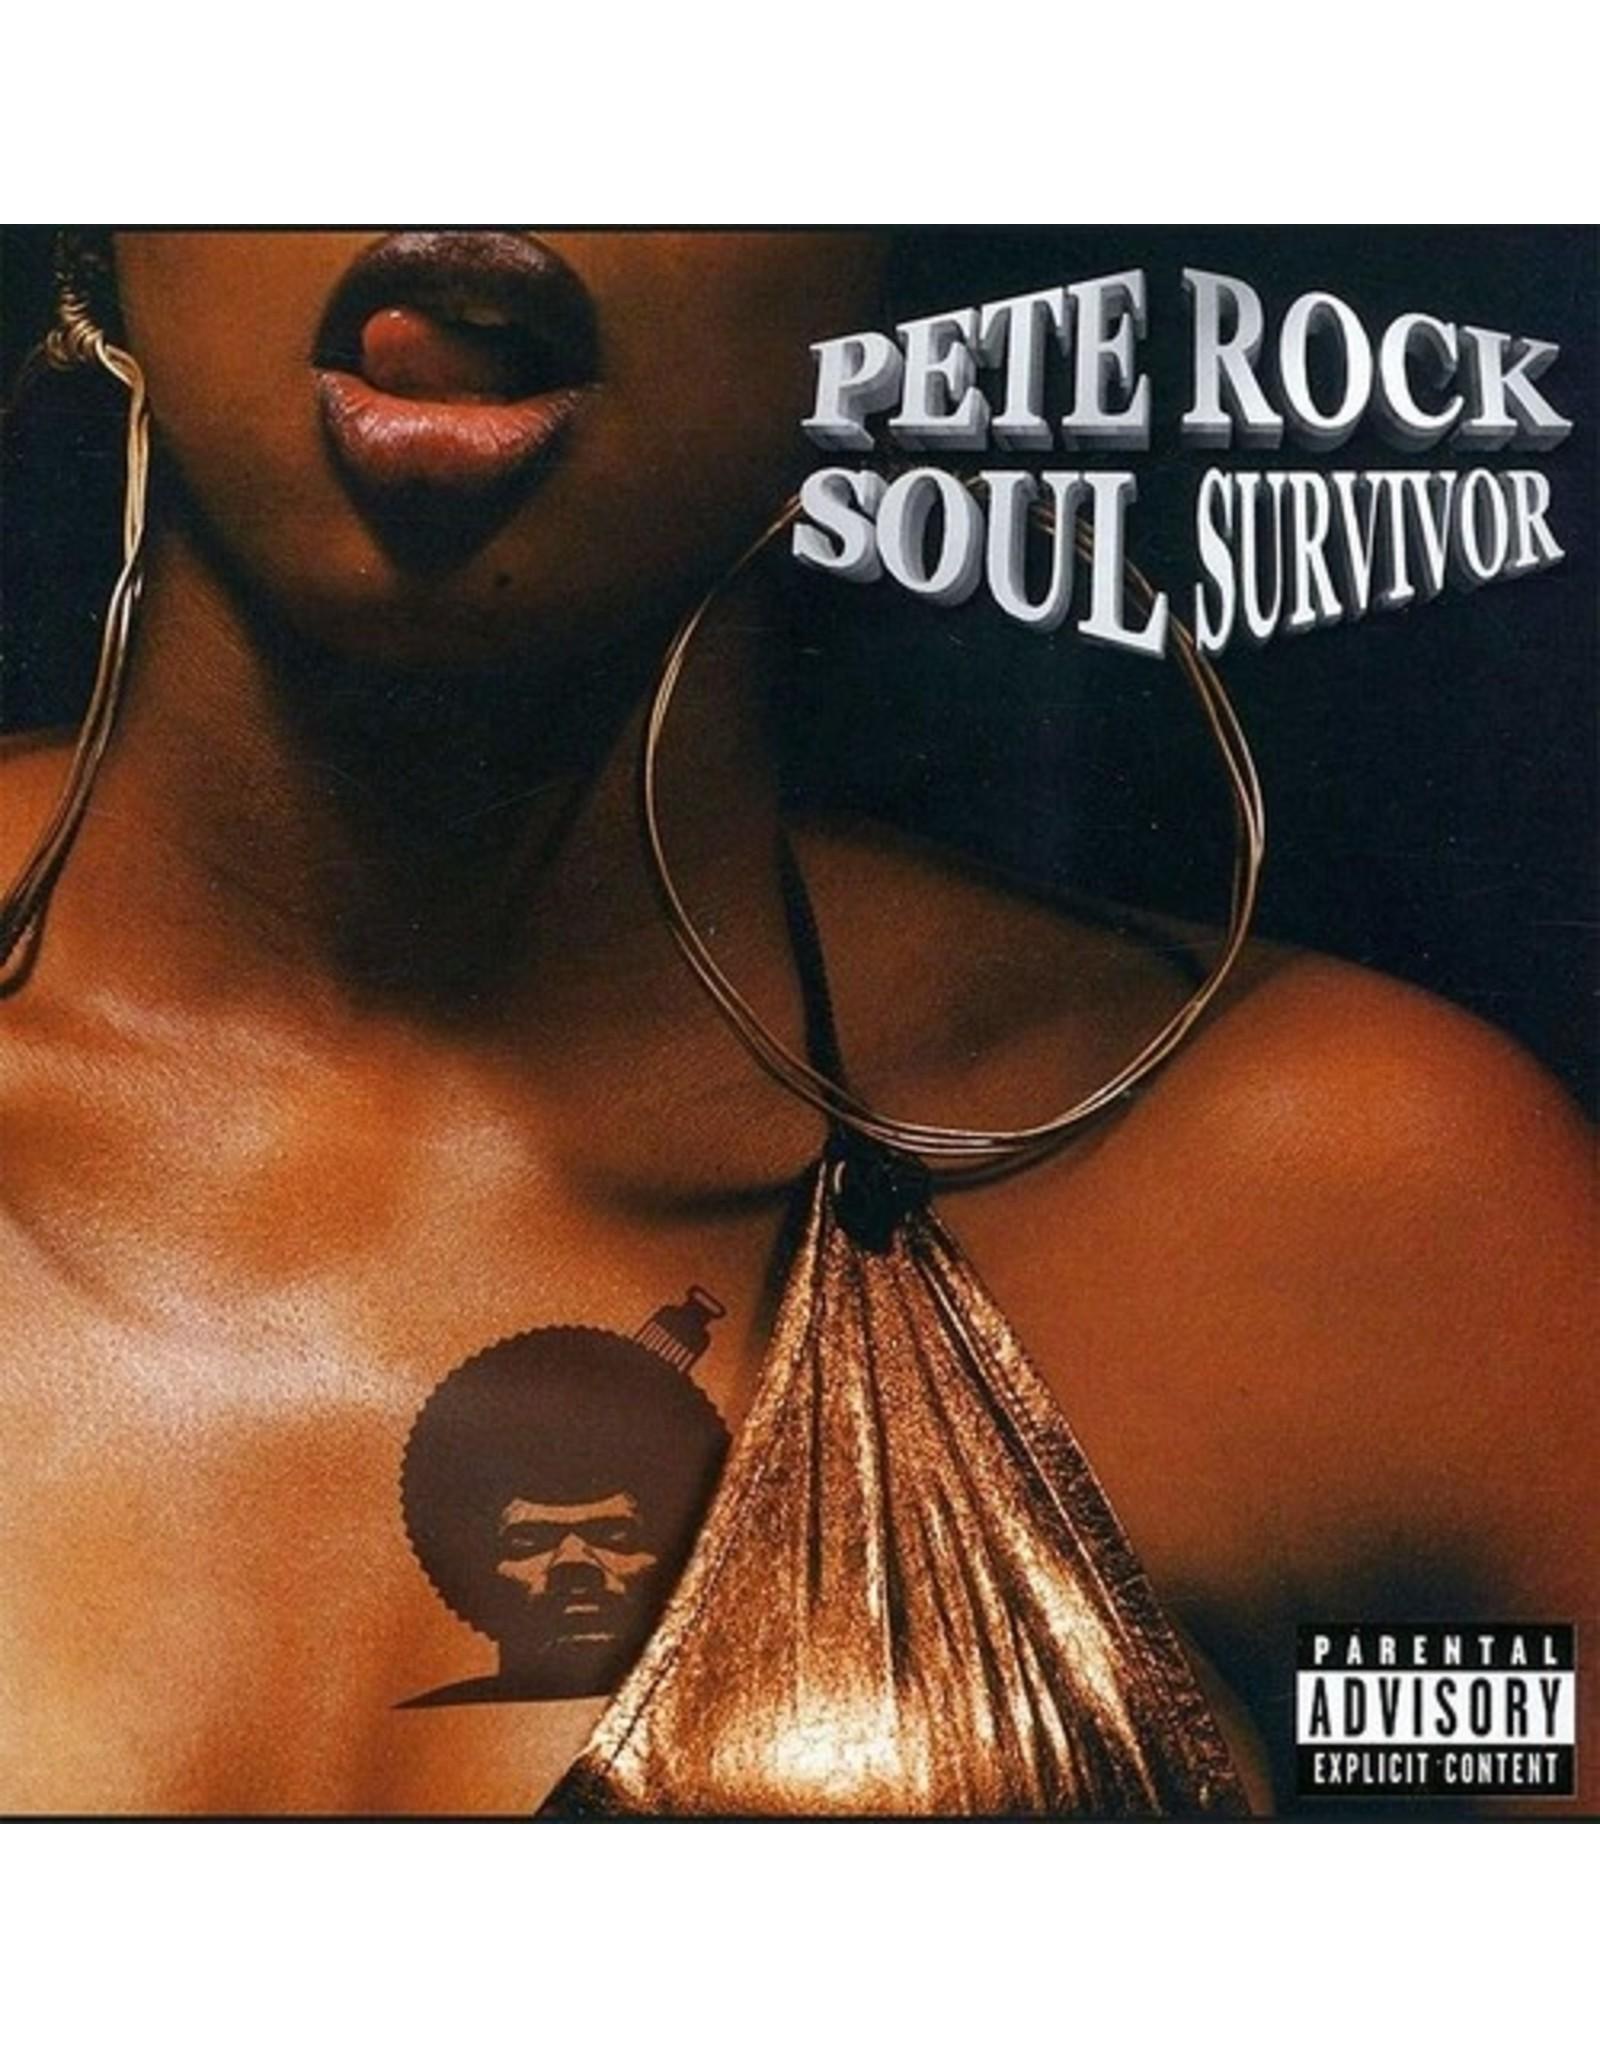 New Vinyl Pete Rock - Soul Survivor 2LP